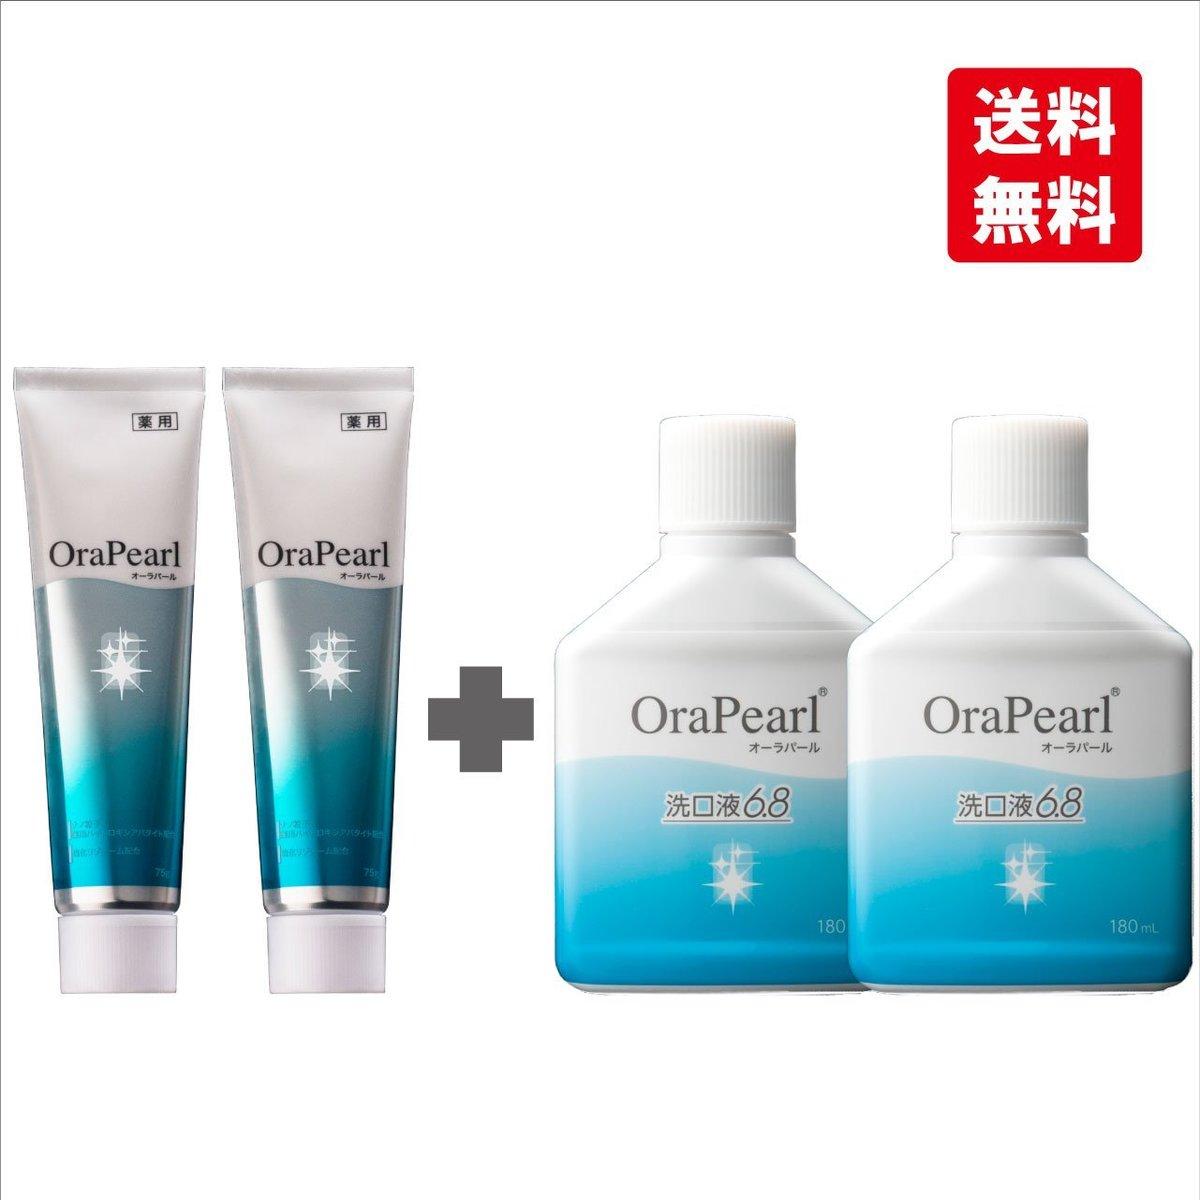 薬用歯みがき オーラパール 75g 2本 + オーラパール 洗口液6.8 180 mL 2本セット セットでお得10%OFF